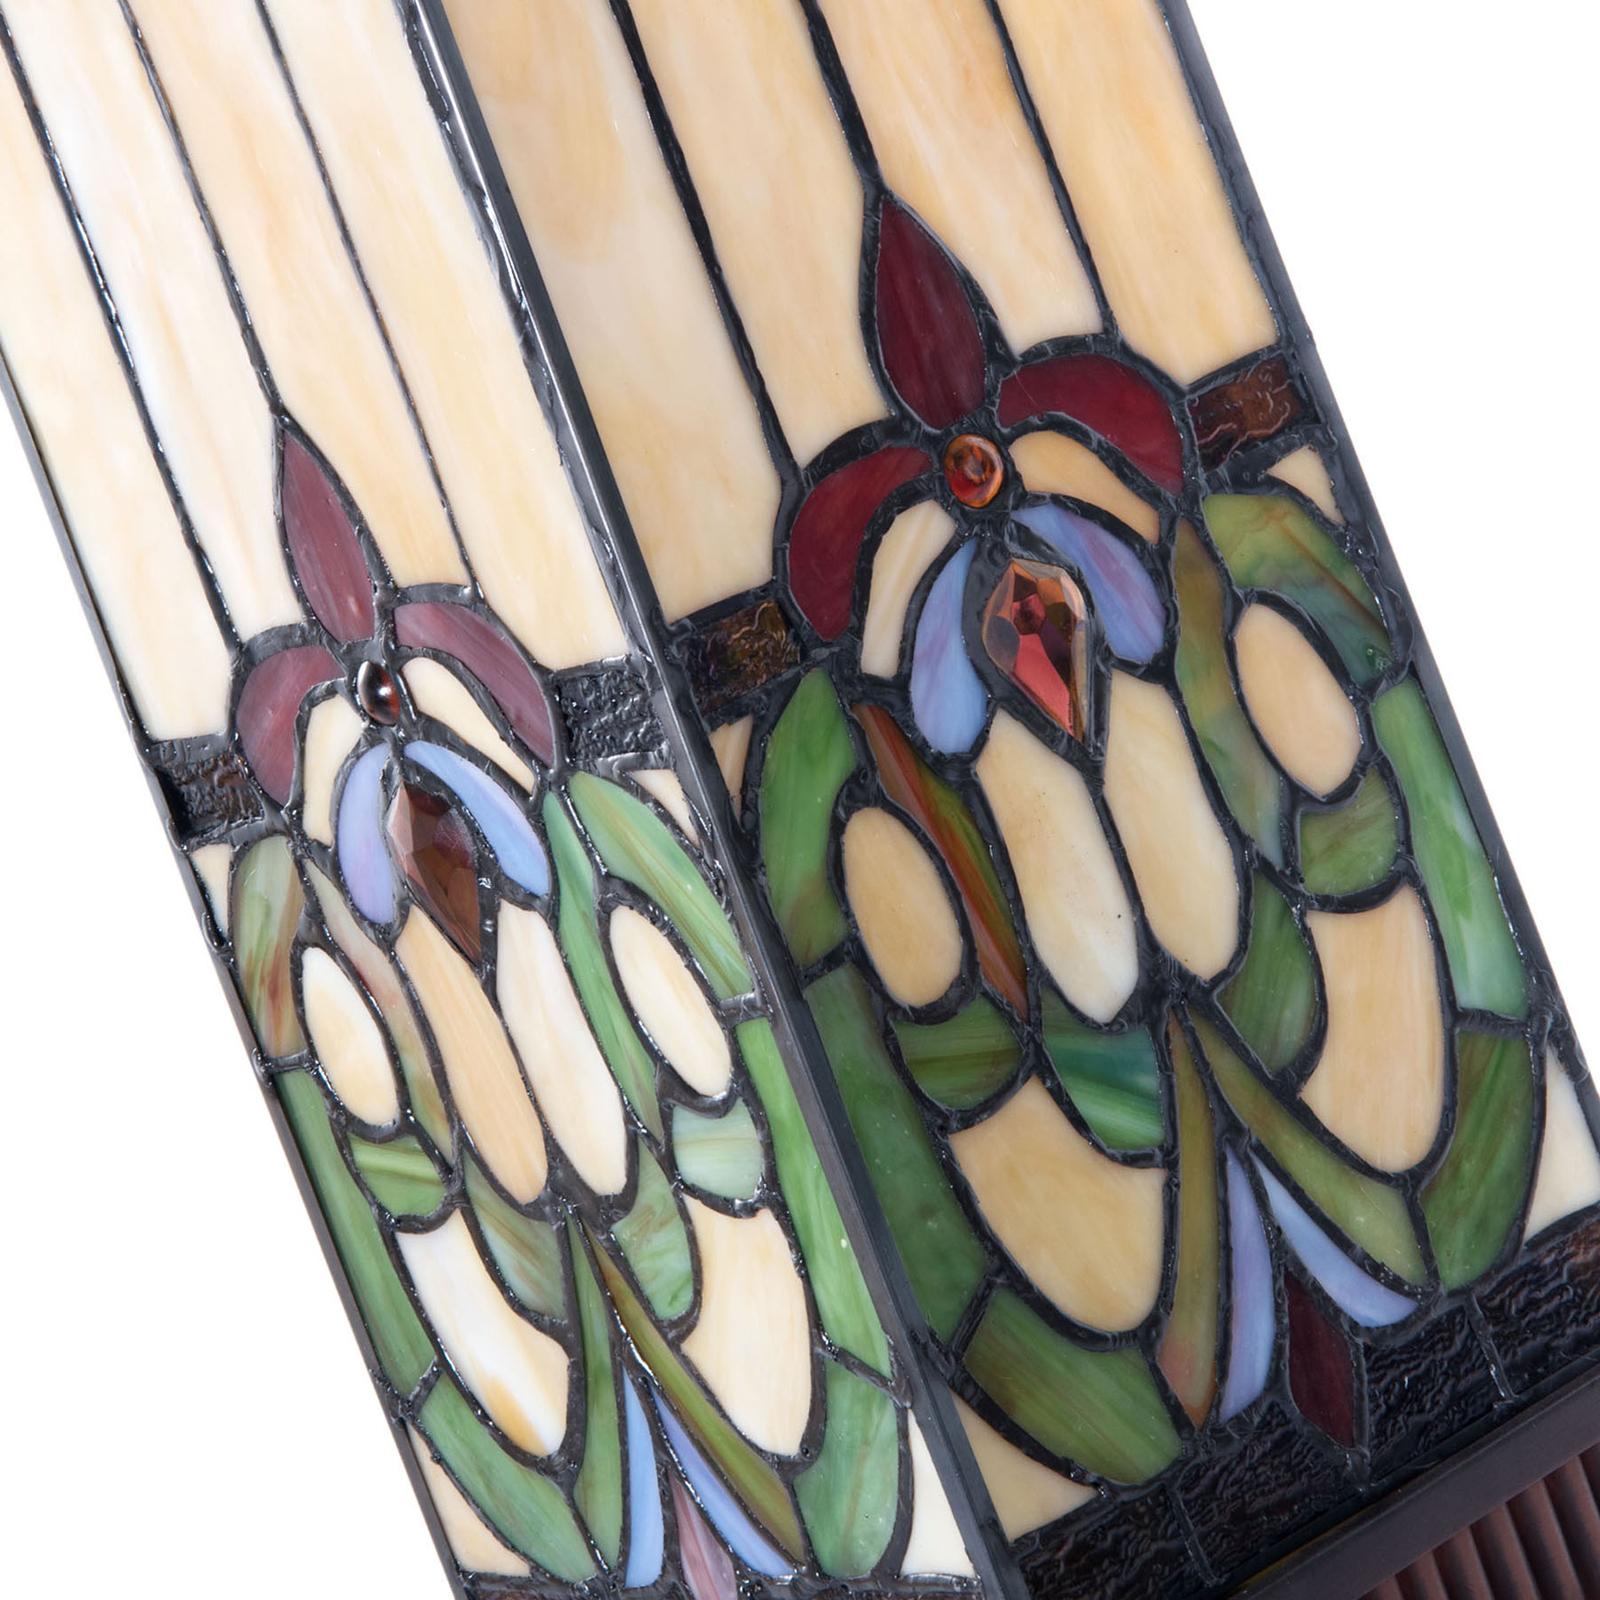 Pöytävalaisin 5907 värikkäällä tiffany-lasilla